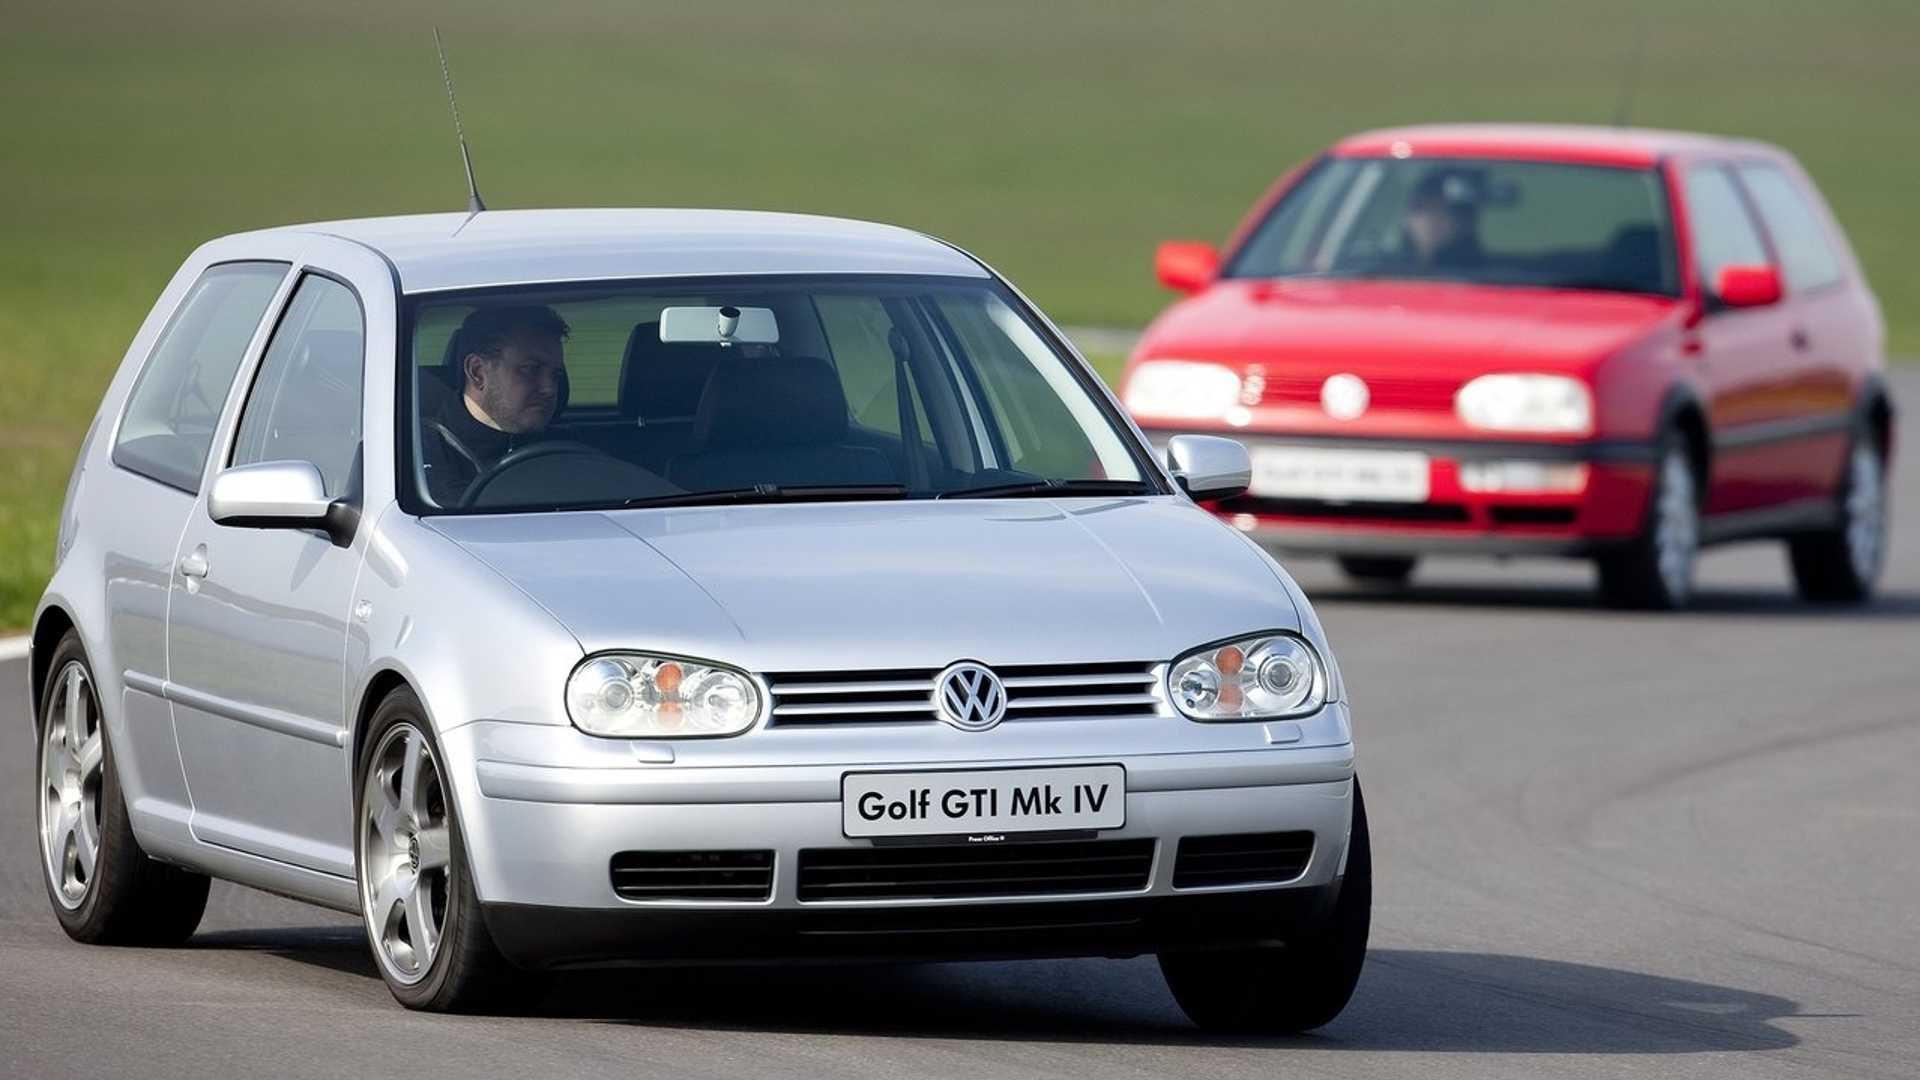 golf-iv-r32-il-etait-une-fois-une-voiture-de-legende-1265-1.jpg